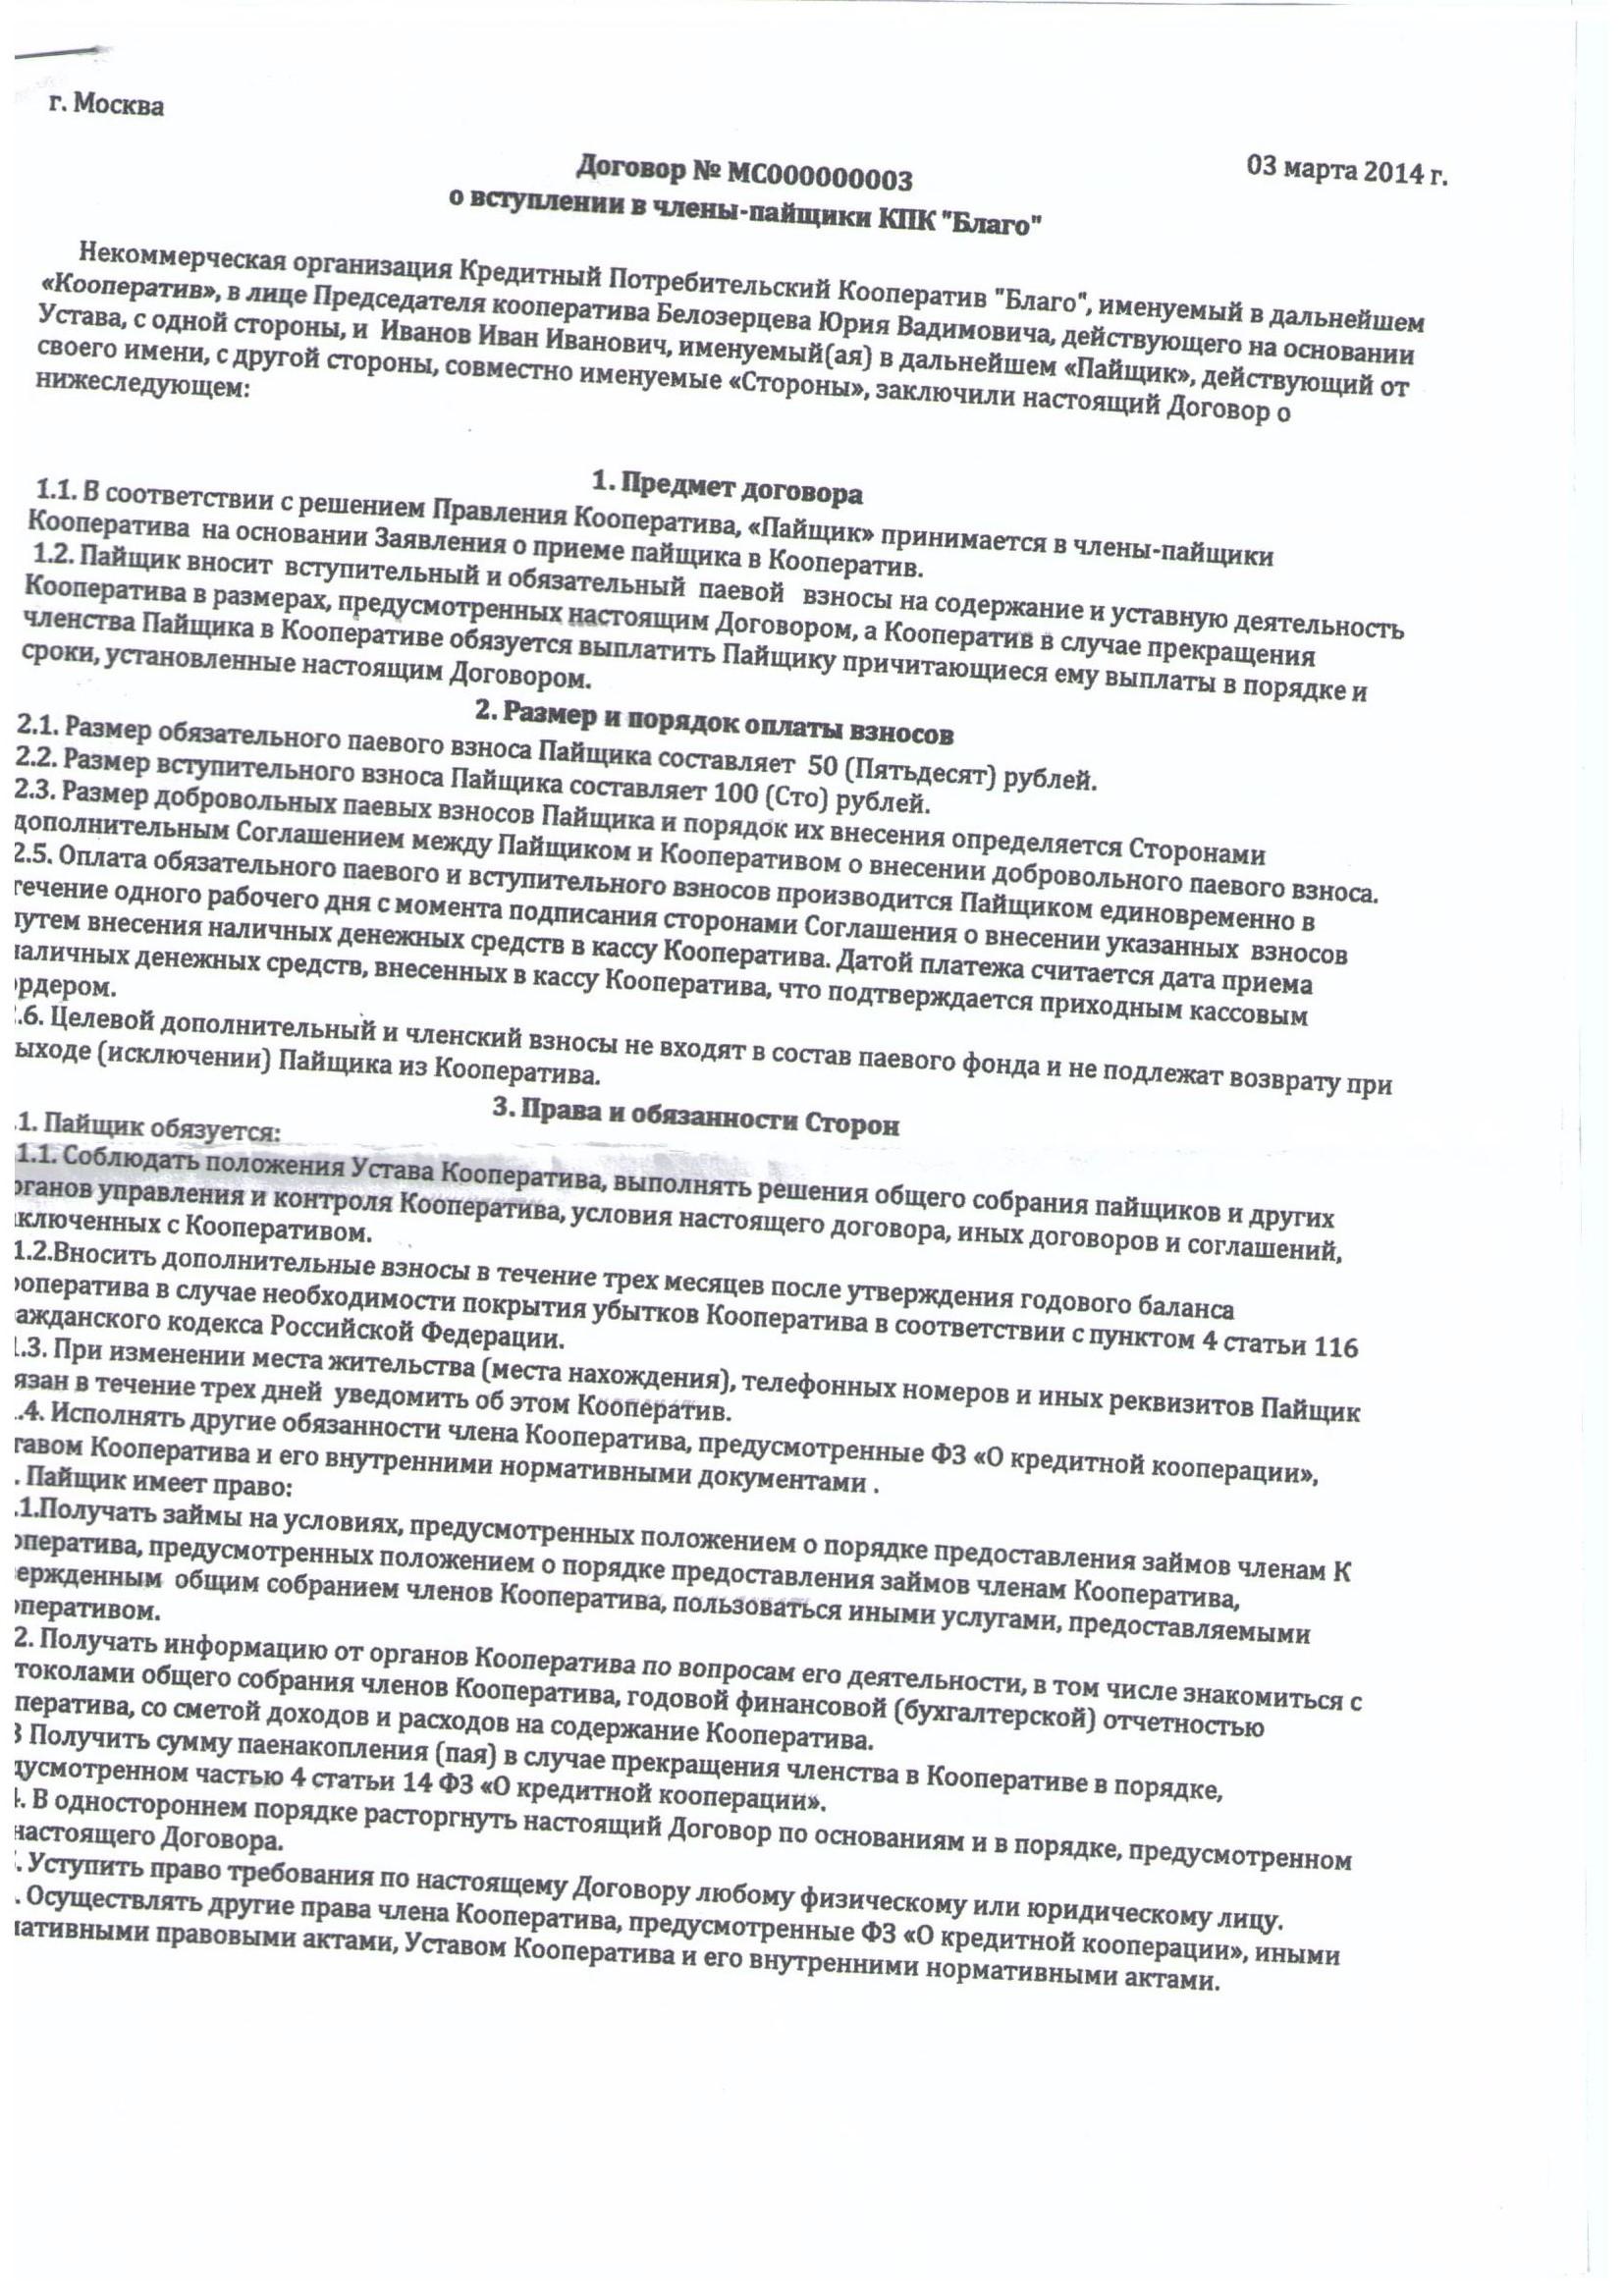 Исковое заявление о взыскании денежных средств по договору о партнерстве